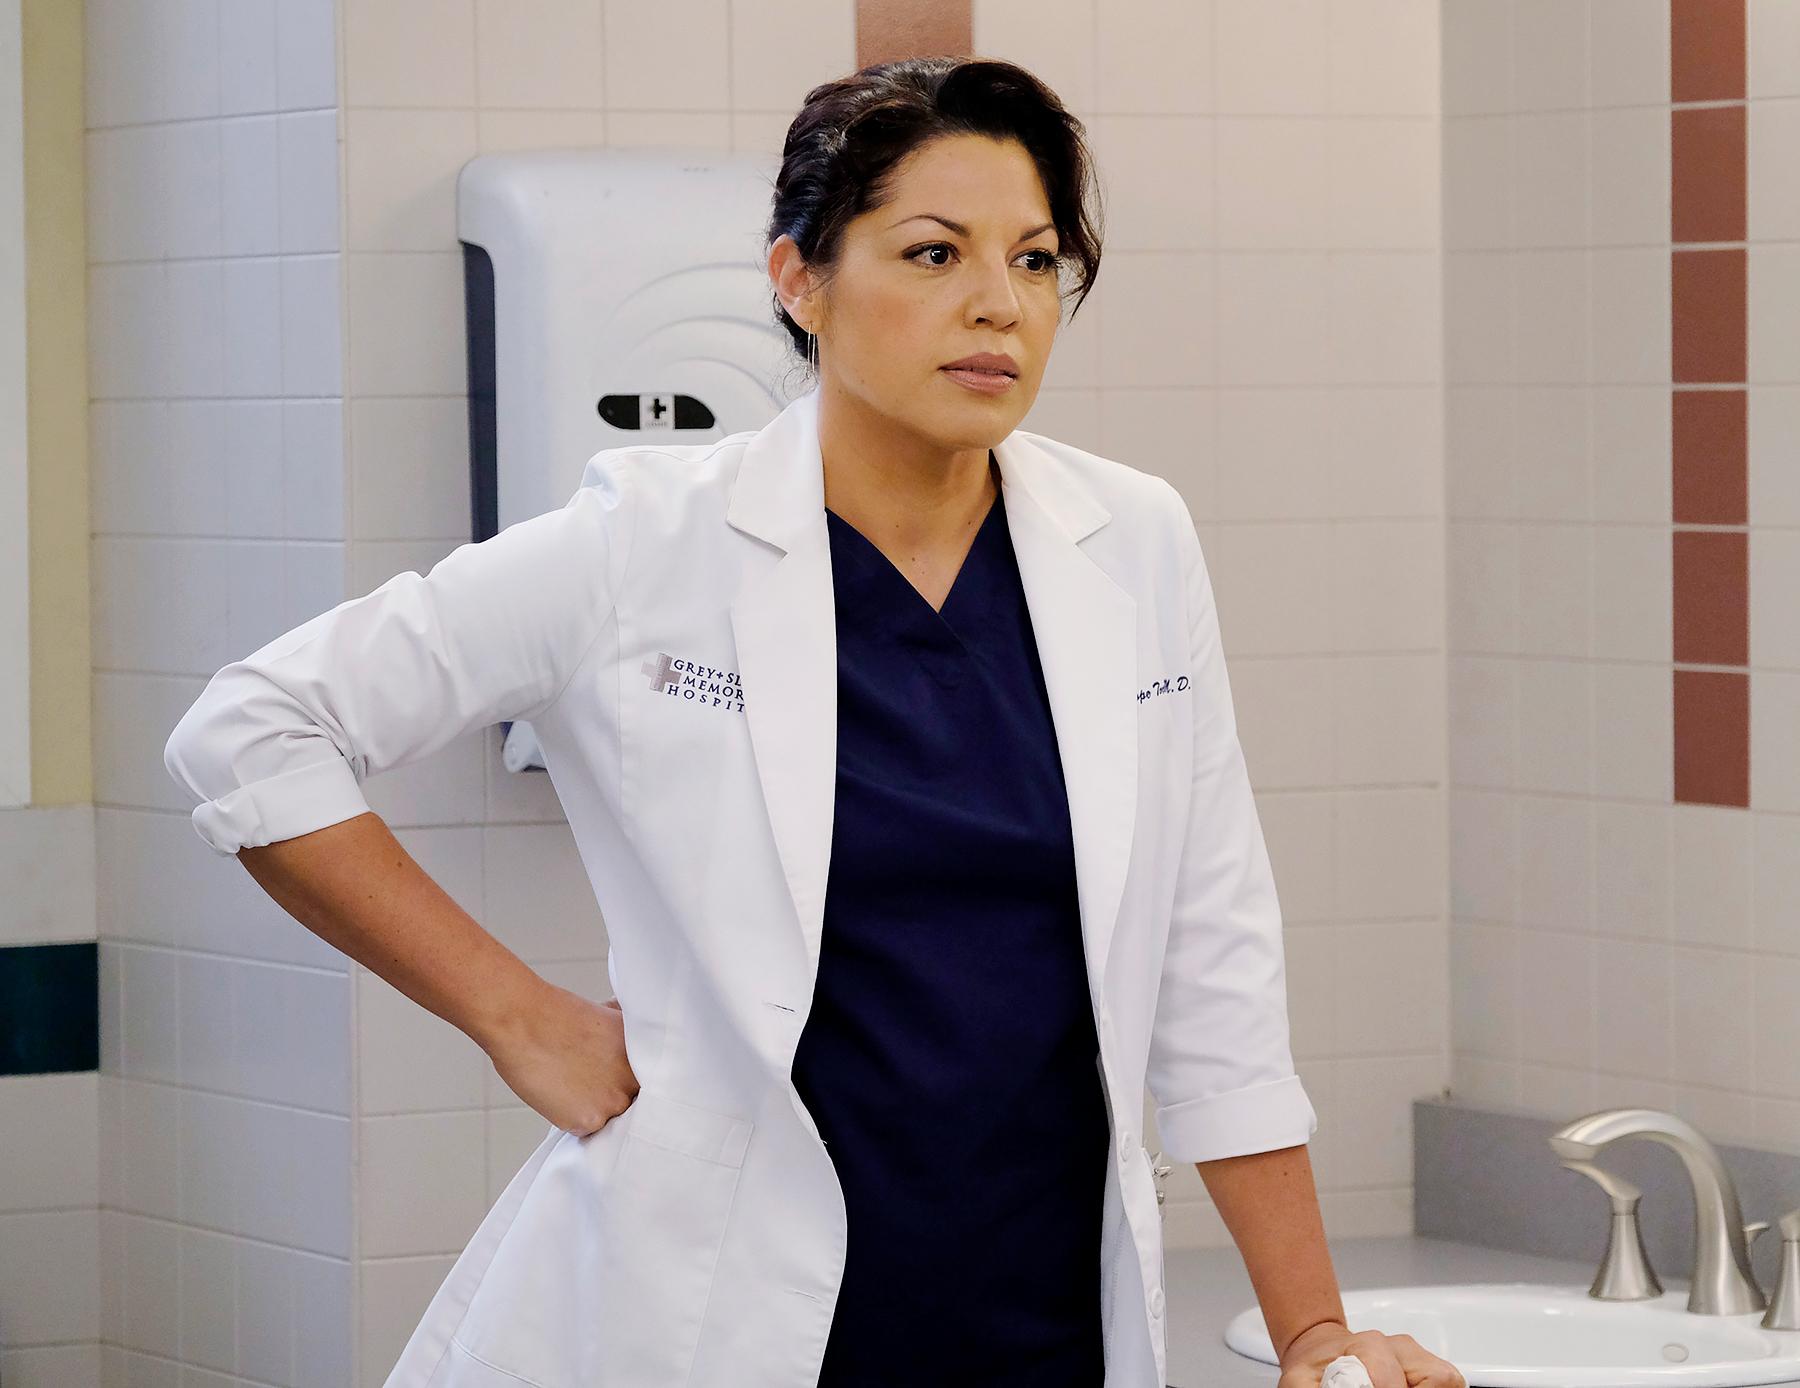 Sara Ramirez on Grey's Anatomy - Sara Ramirez on Grey's Anatomy